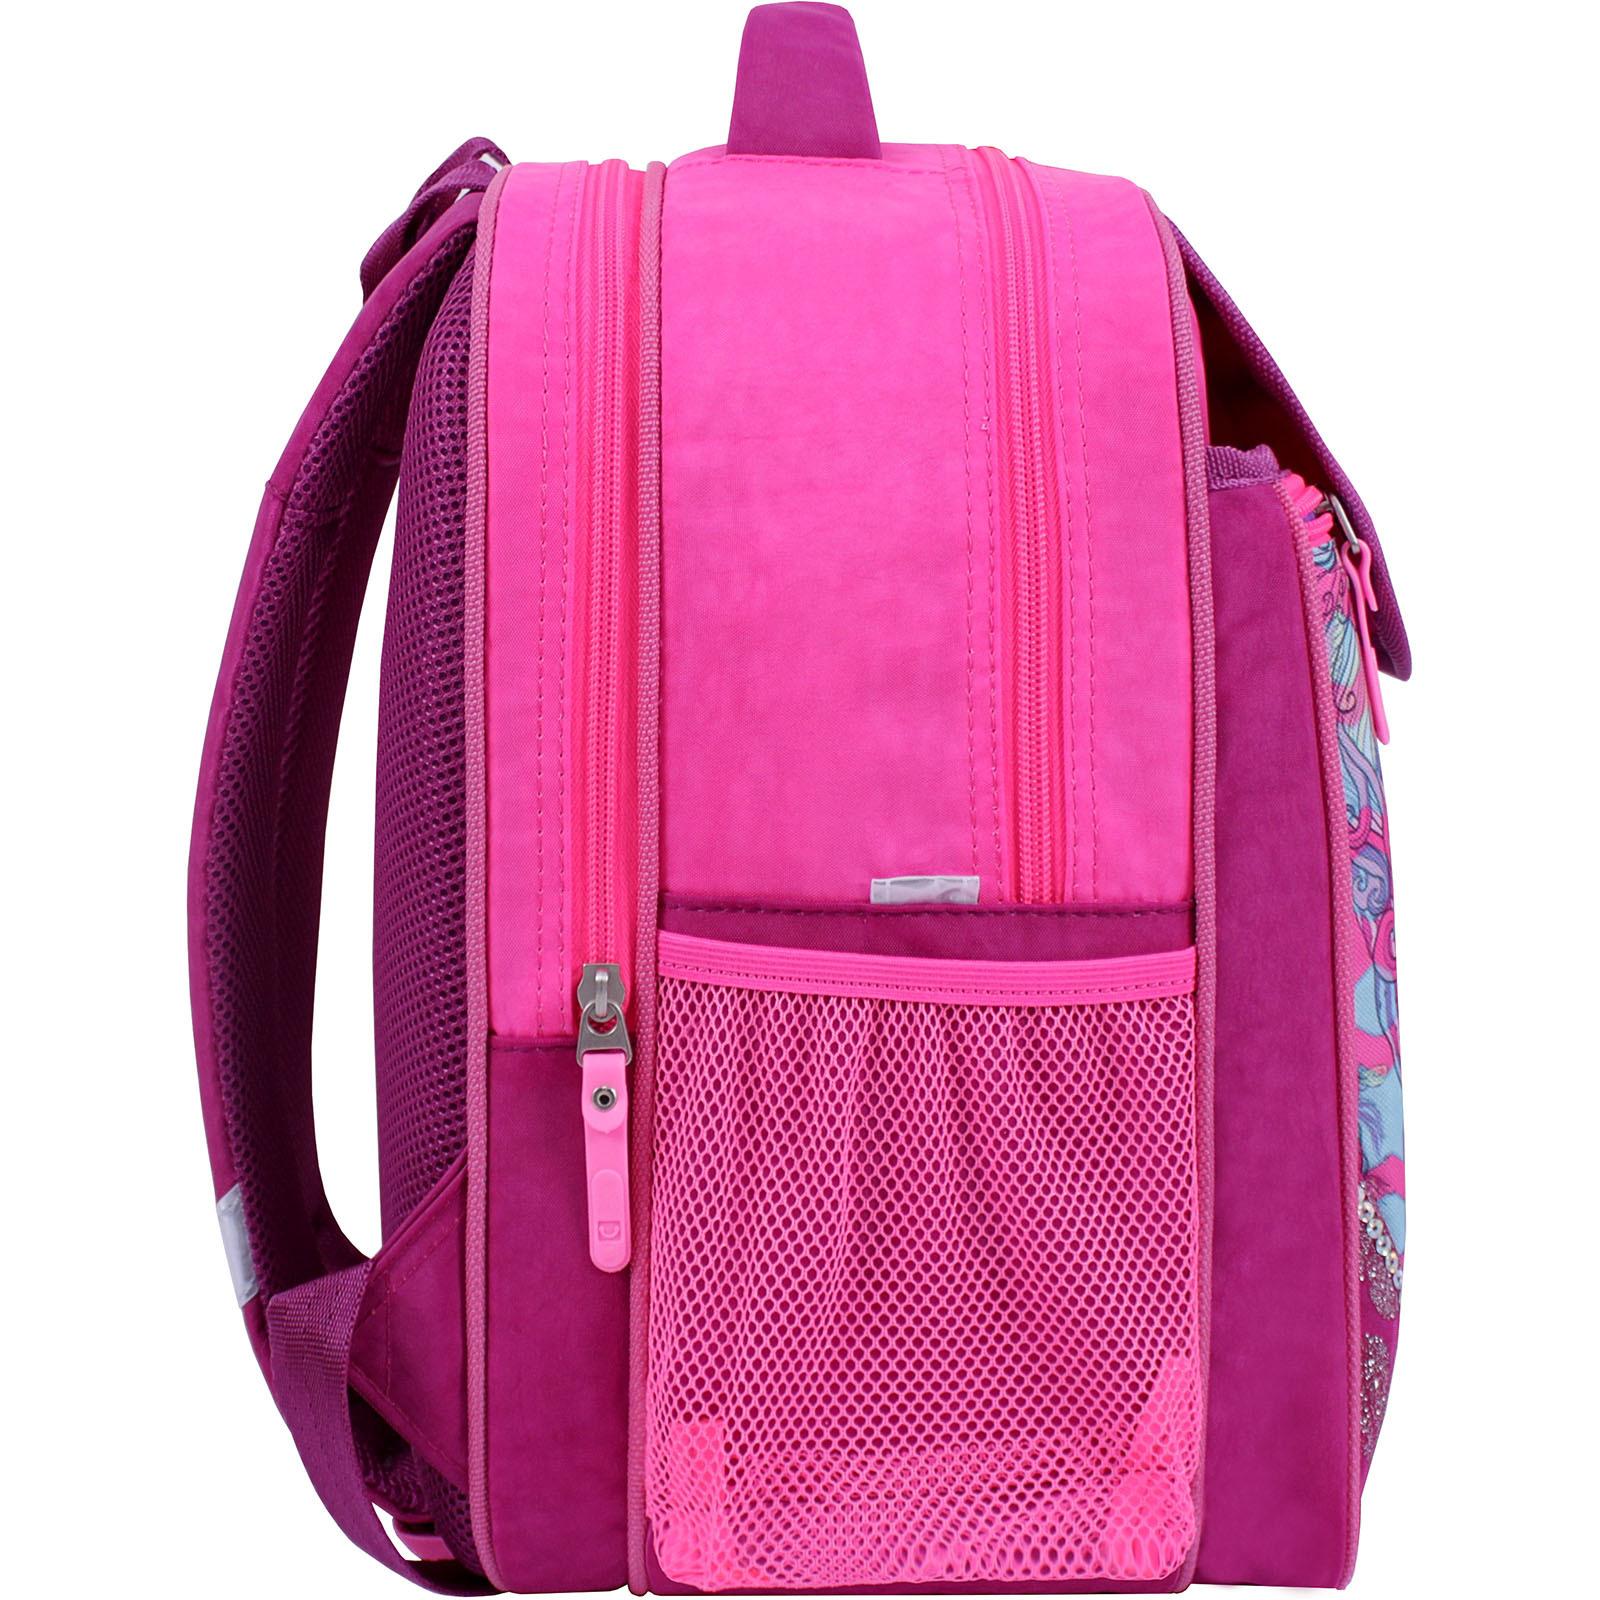 Рюкзак школьный Bagland Отличник 20 л. Малиновый 514 (0058070) фото 2